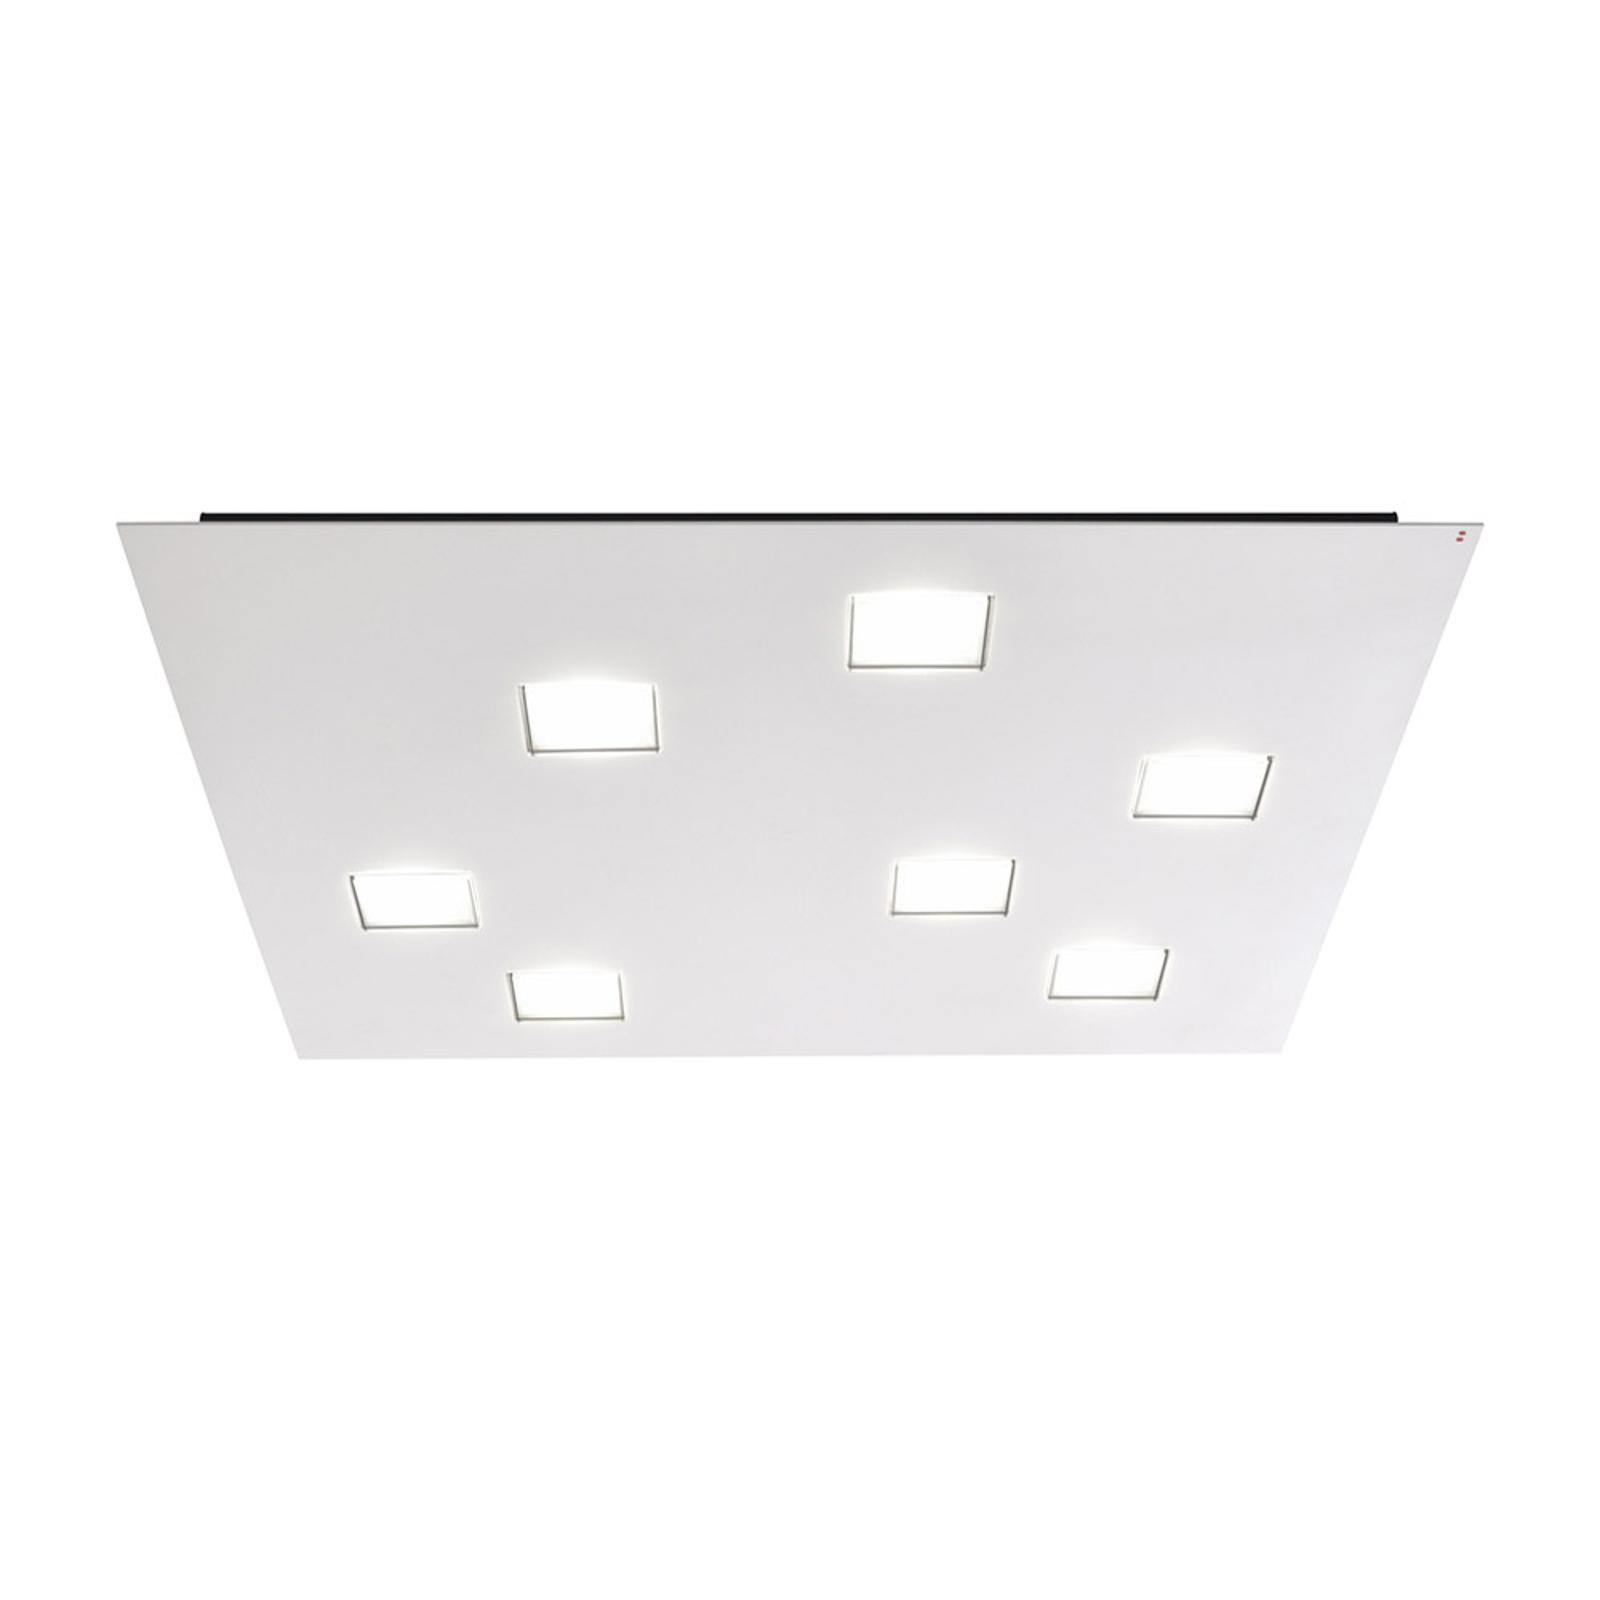 Bright Quarter LED ceiling light in white_3503243_1